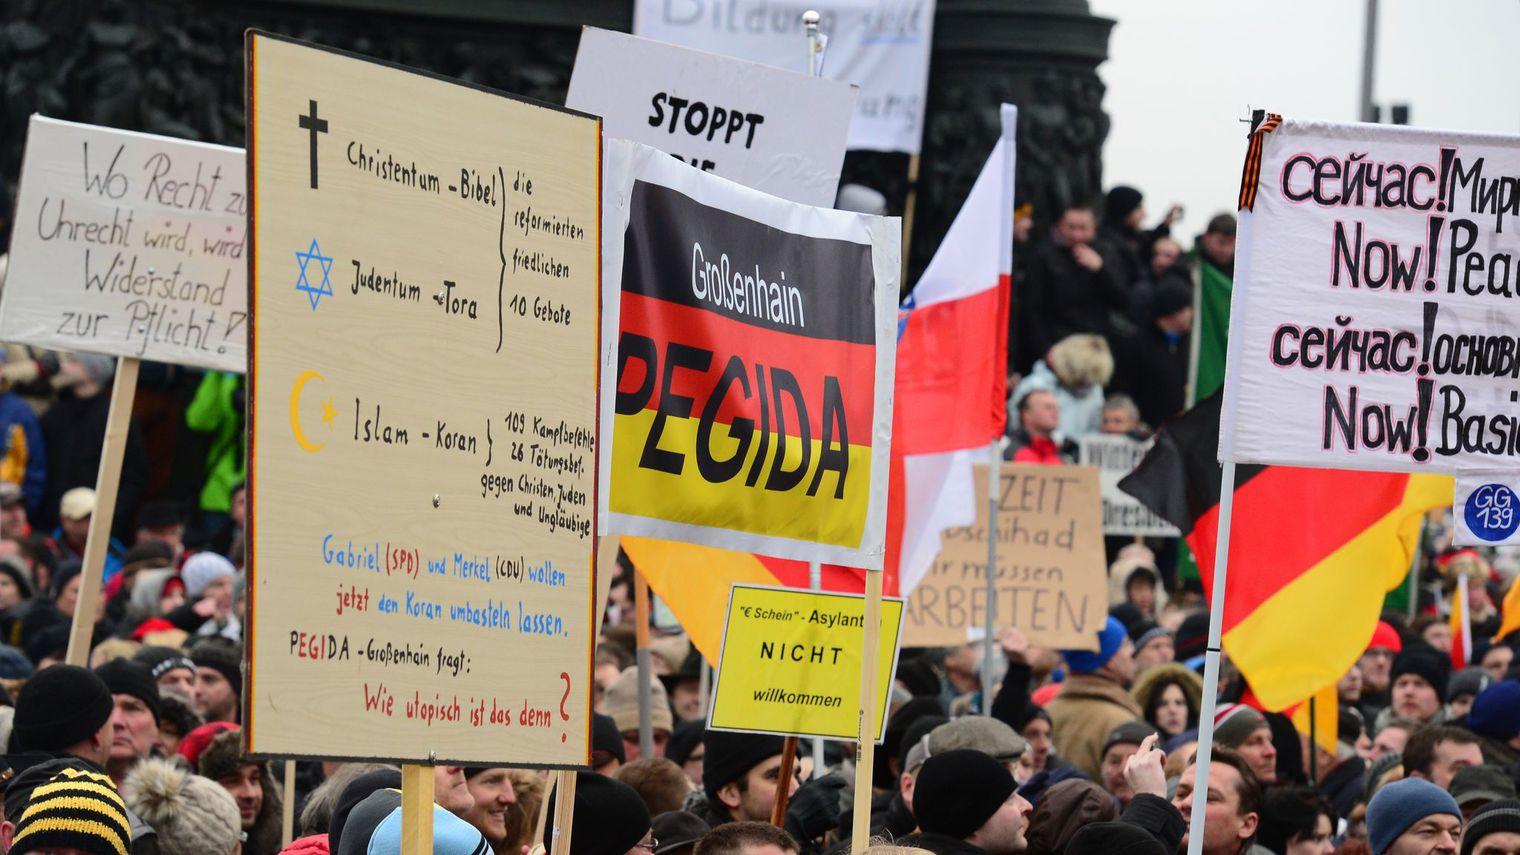 L'islam, nouvelle cible fétiche de la droite populiste en Allemagne